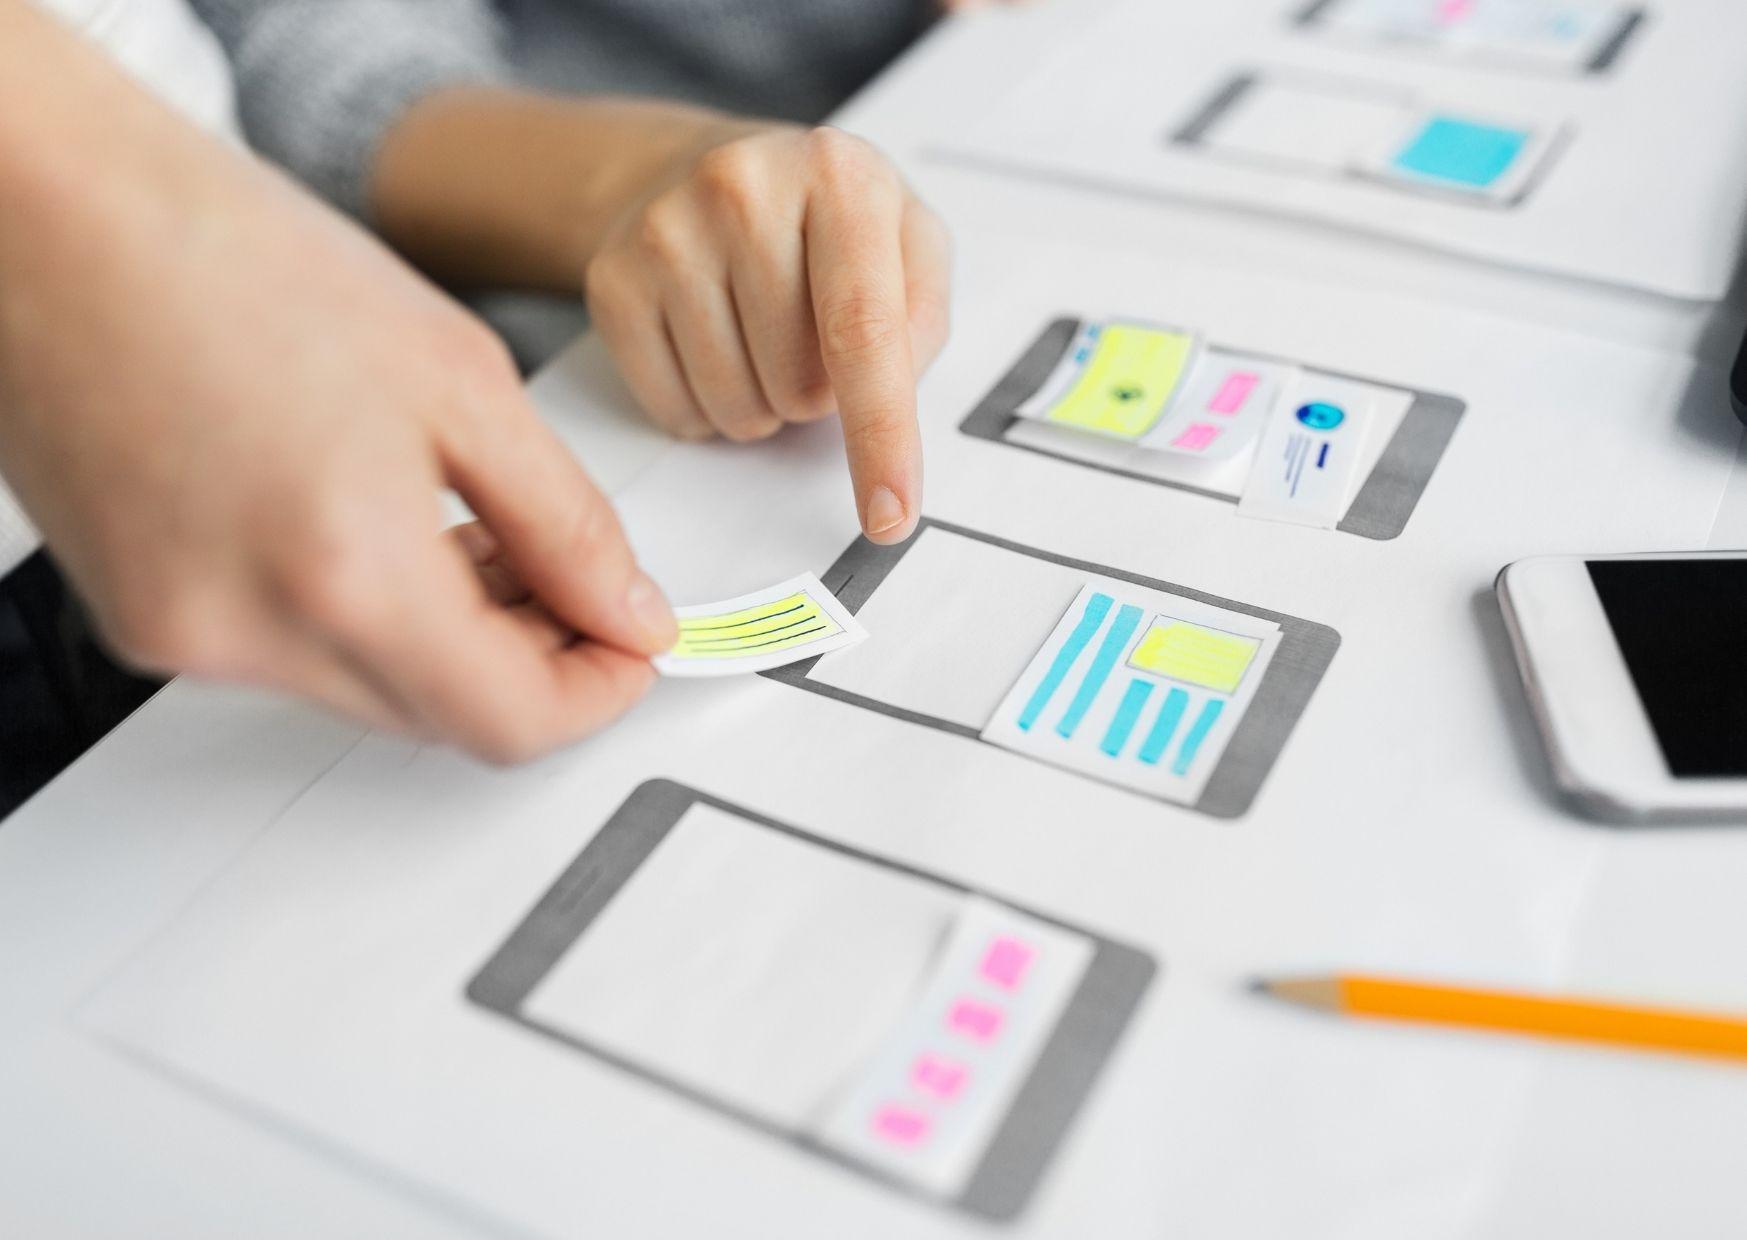 Les 7 étapes pour créer une application mobile réussie